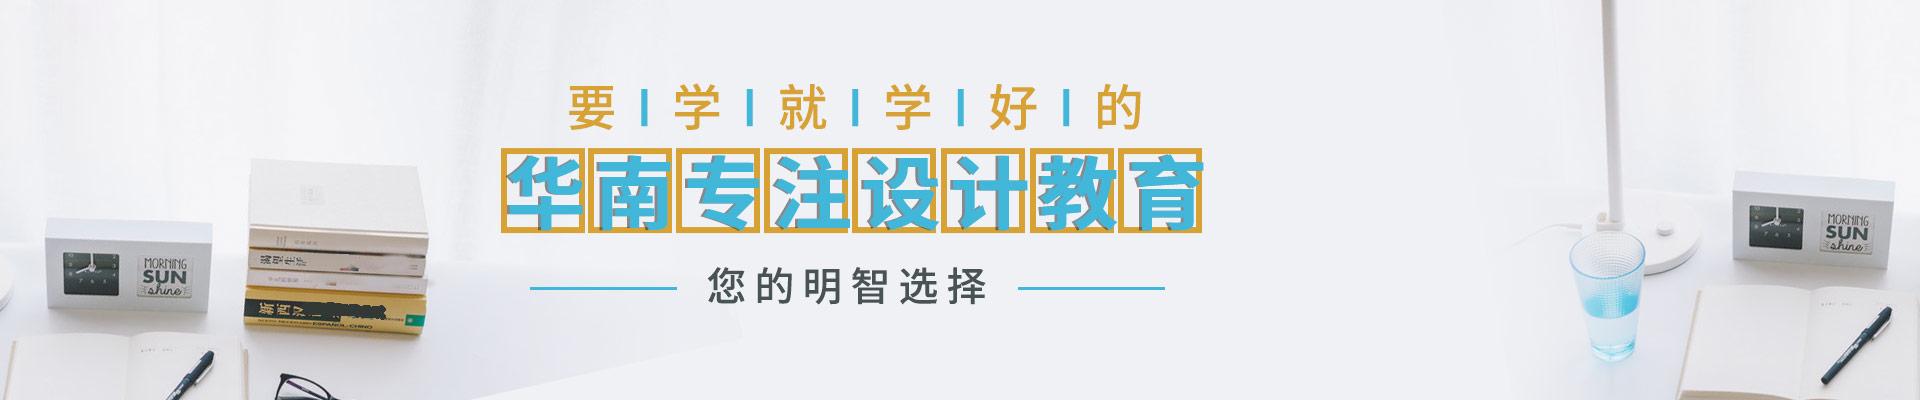 福州华南设计教育学校